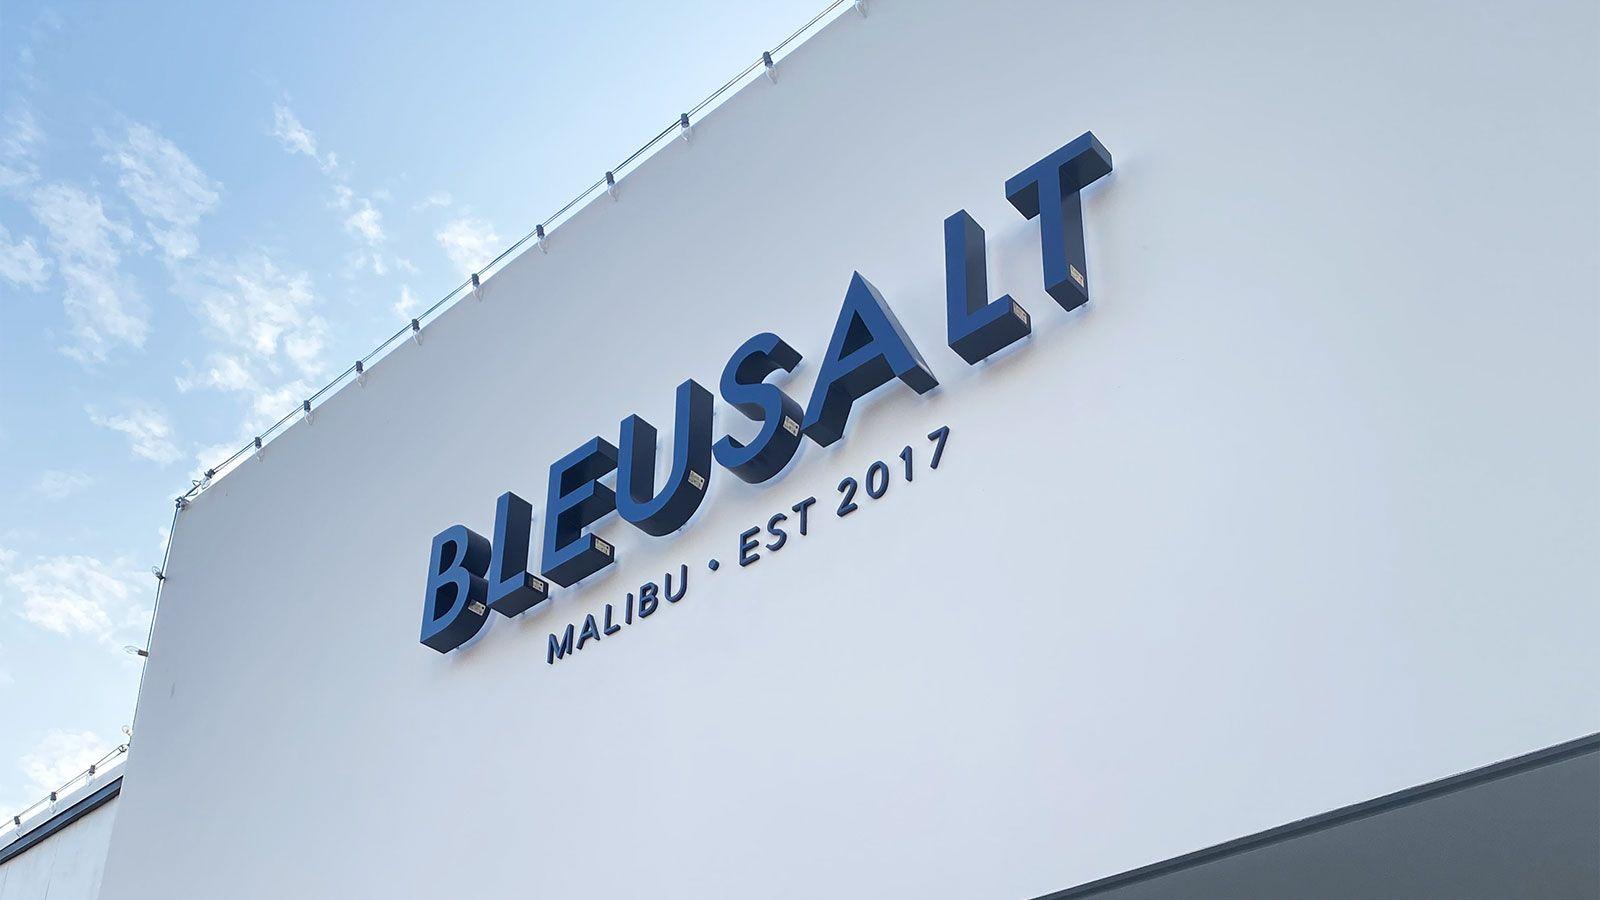 Bleusalt channel letters